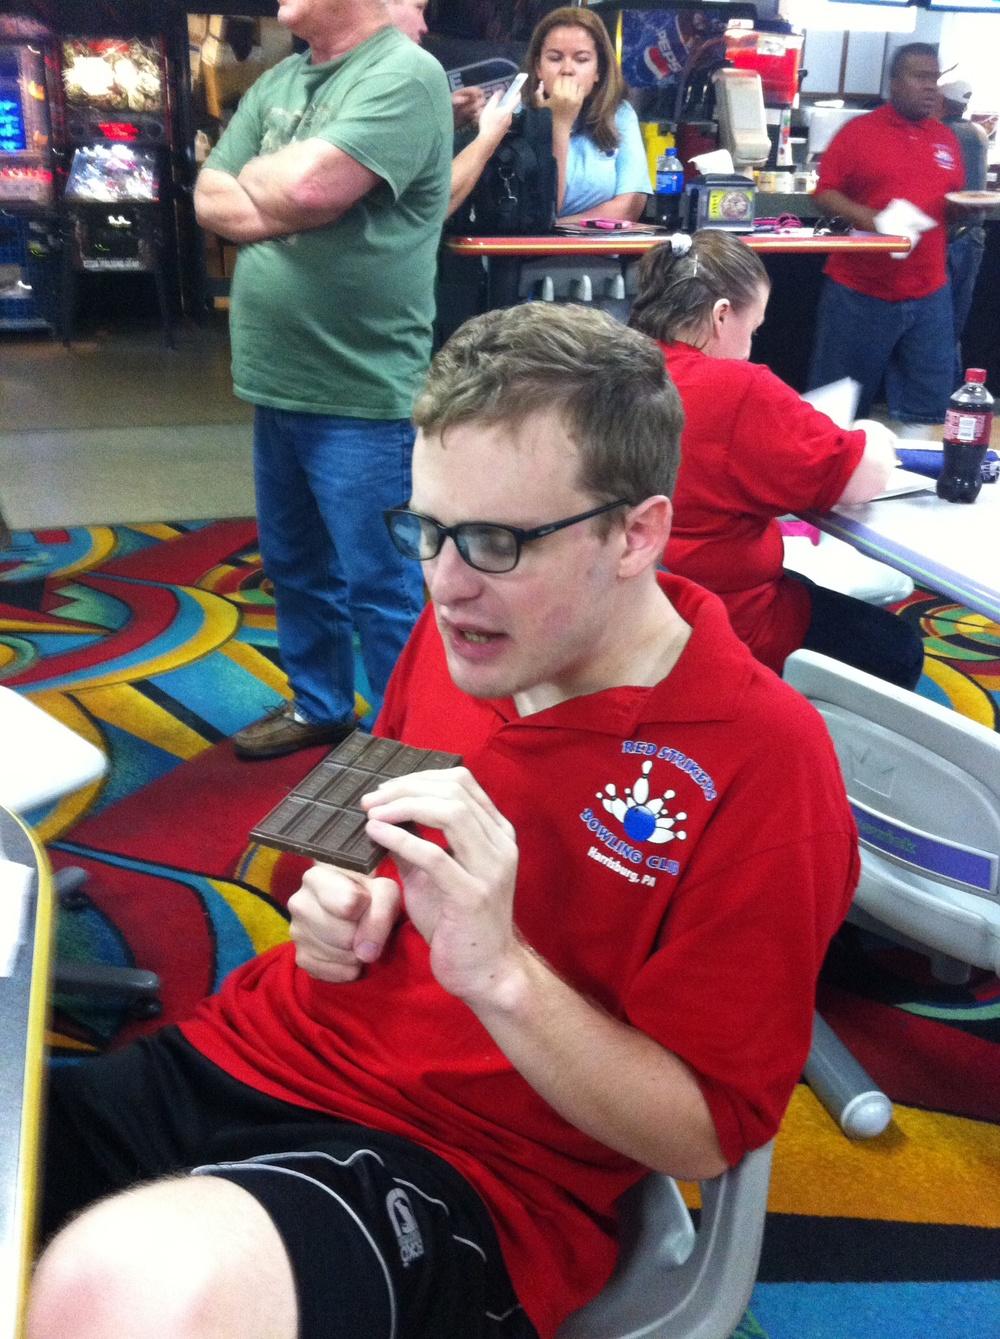 Greg at bowling